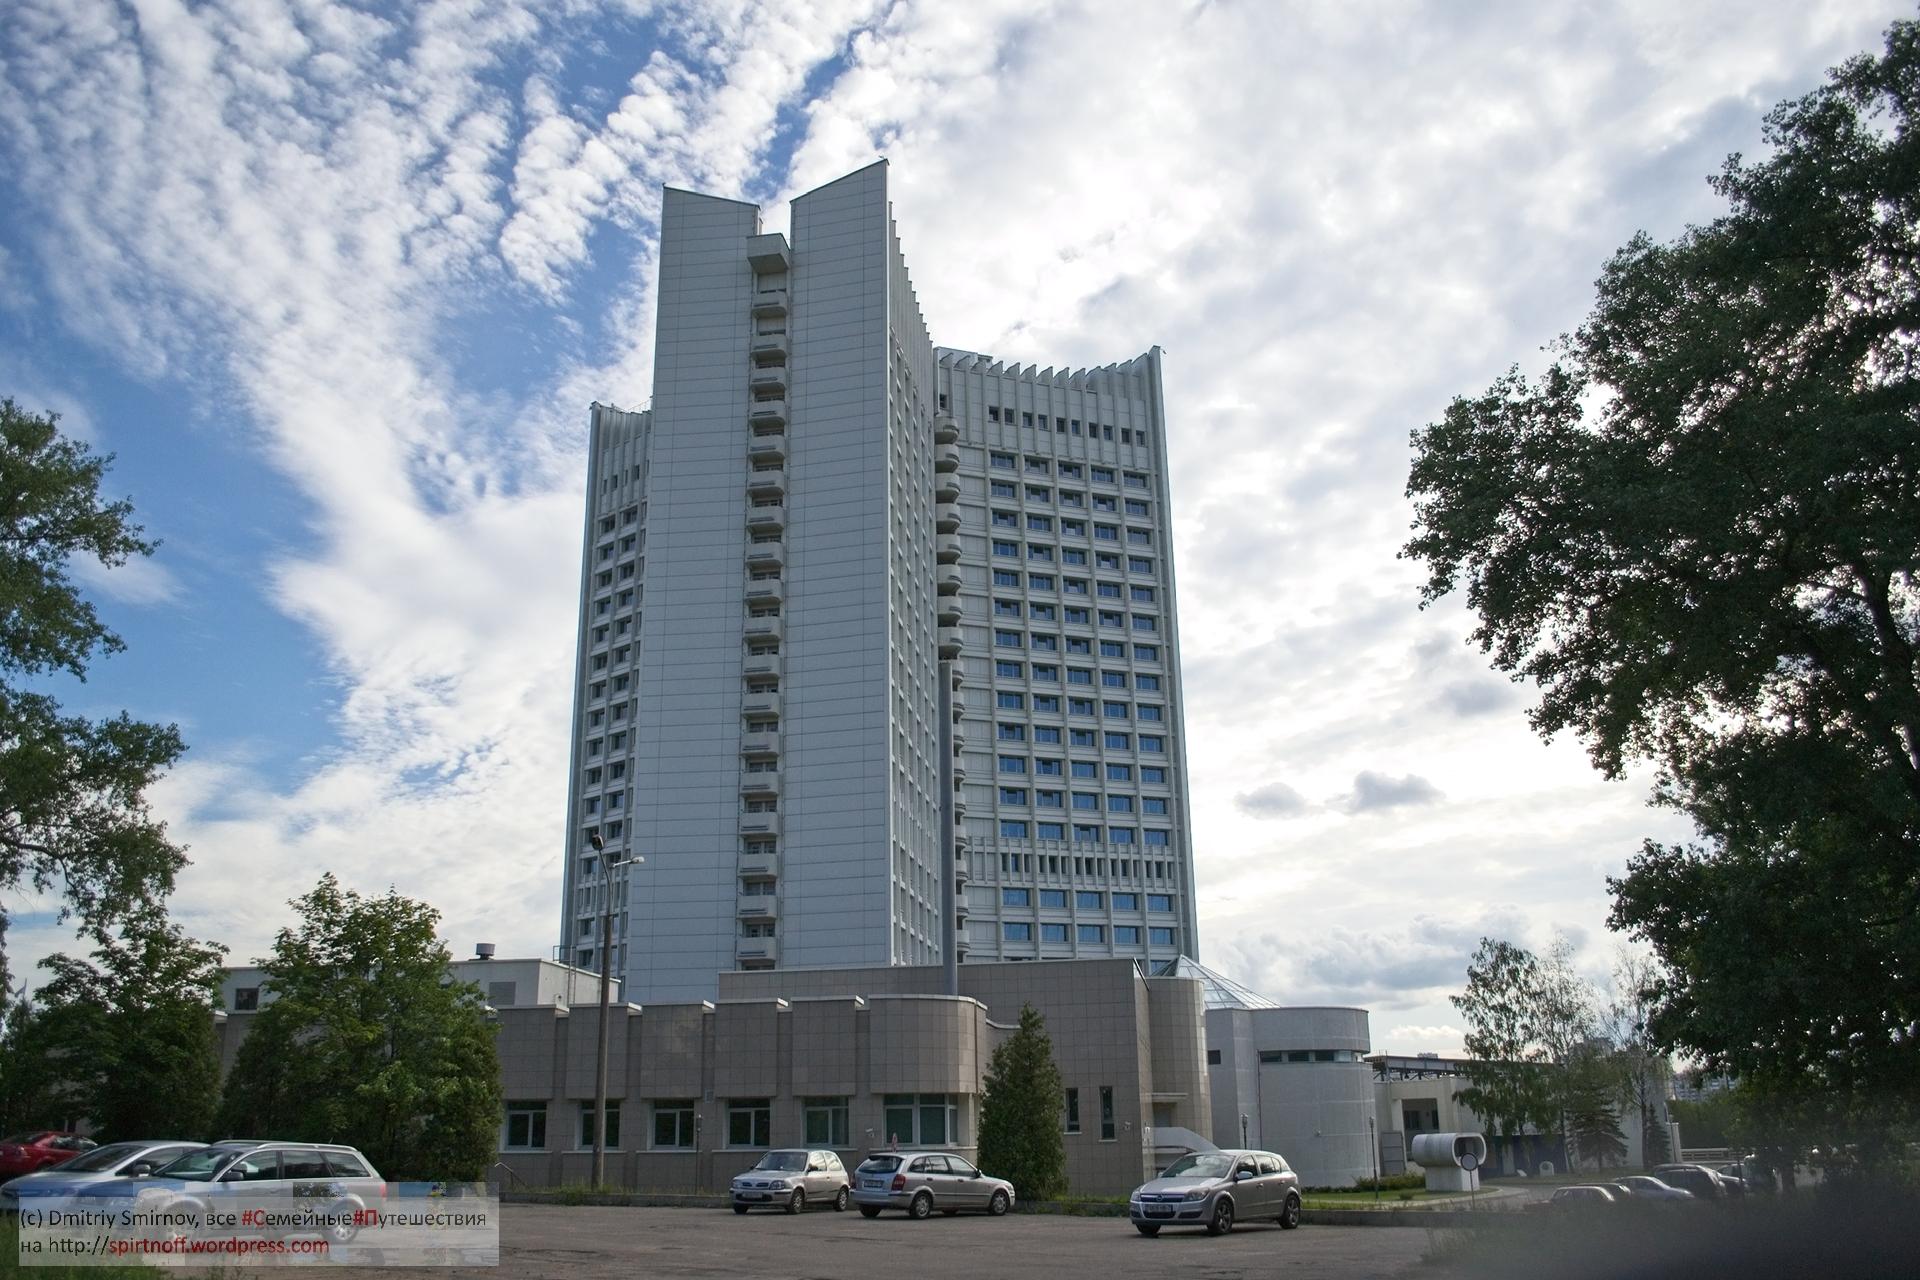 DSC_7015-28-Blog-72 Путешествия  Минск. Музей Великой Отечественной Войны и Парк Победы